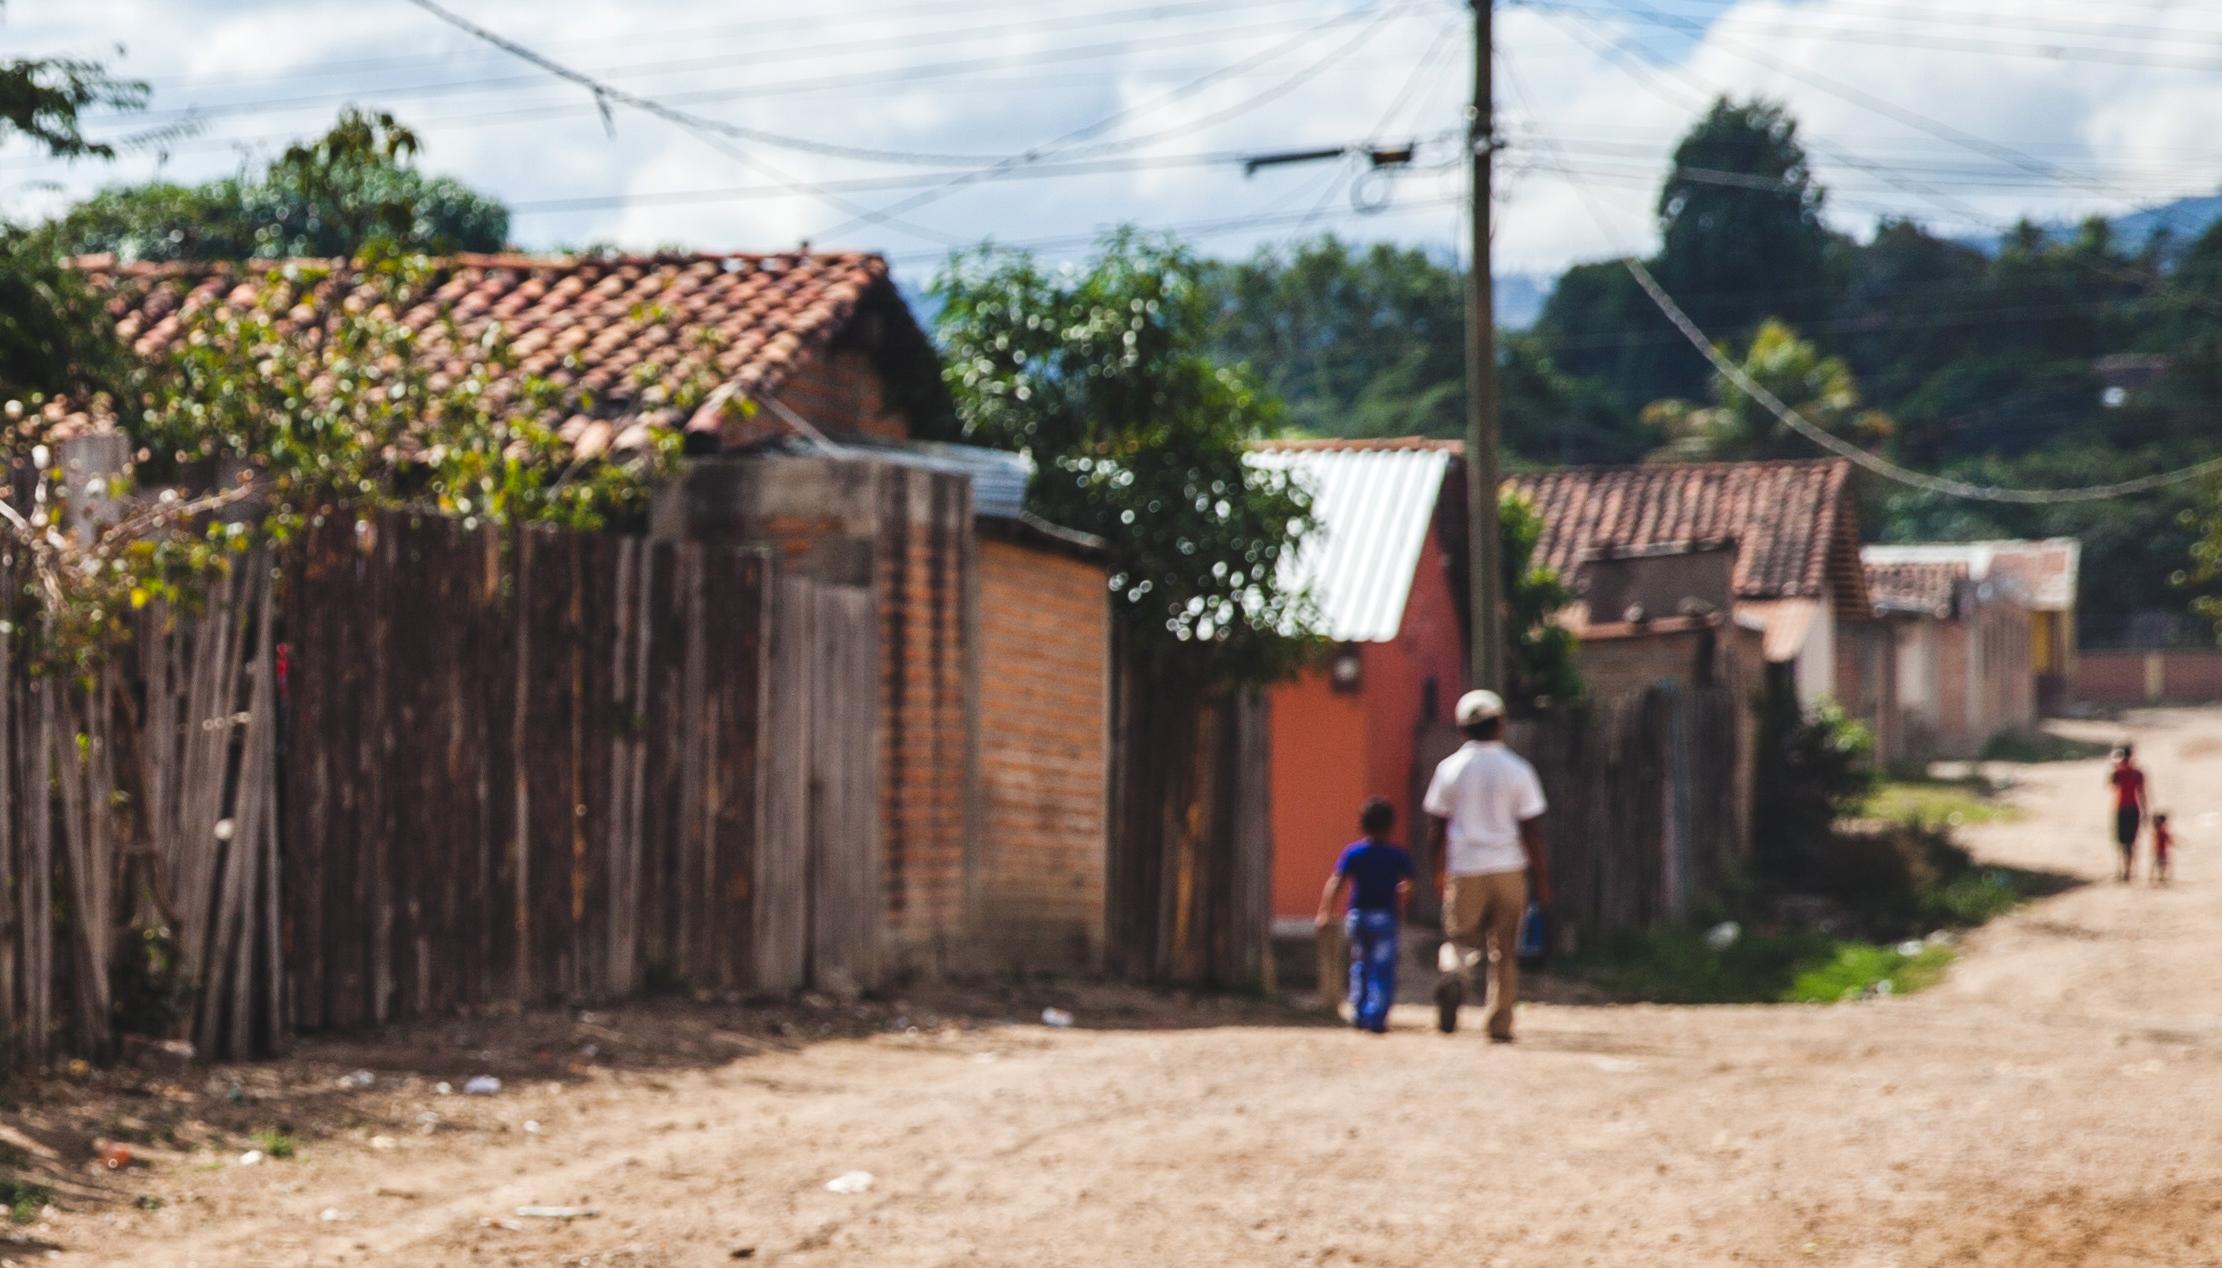 Pobreza infantil en América Latina: Niños desplazados